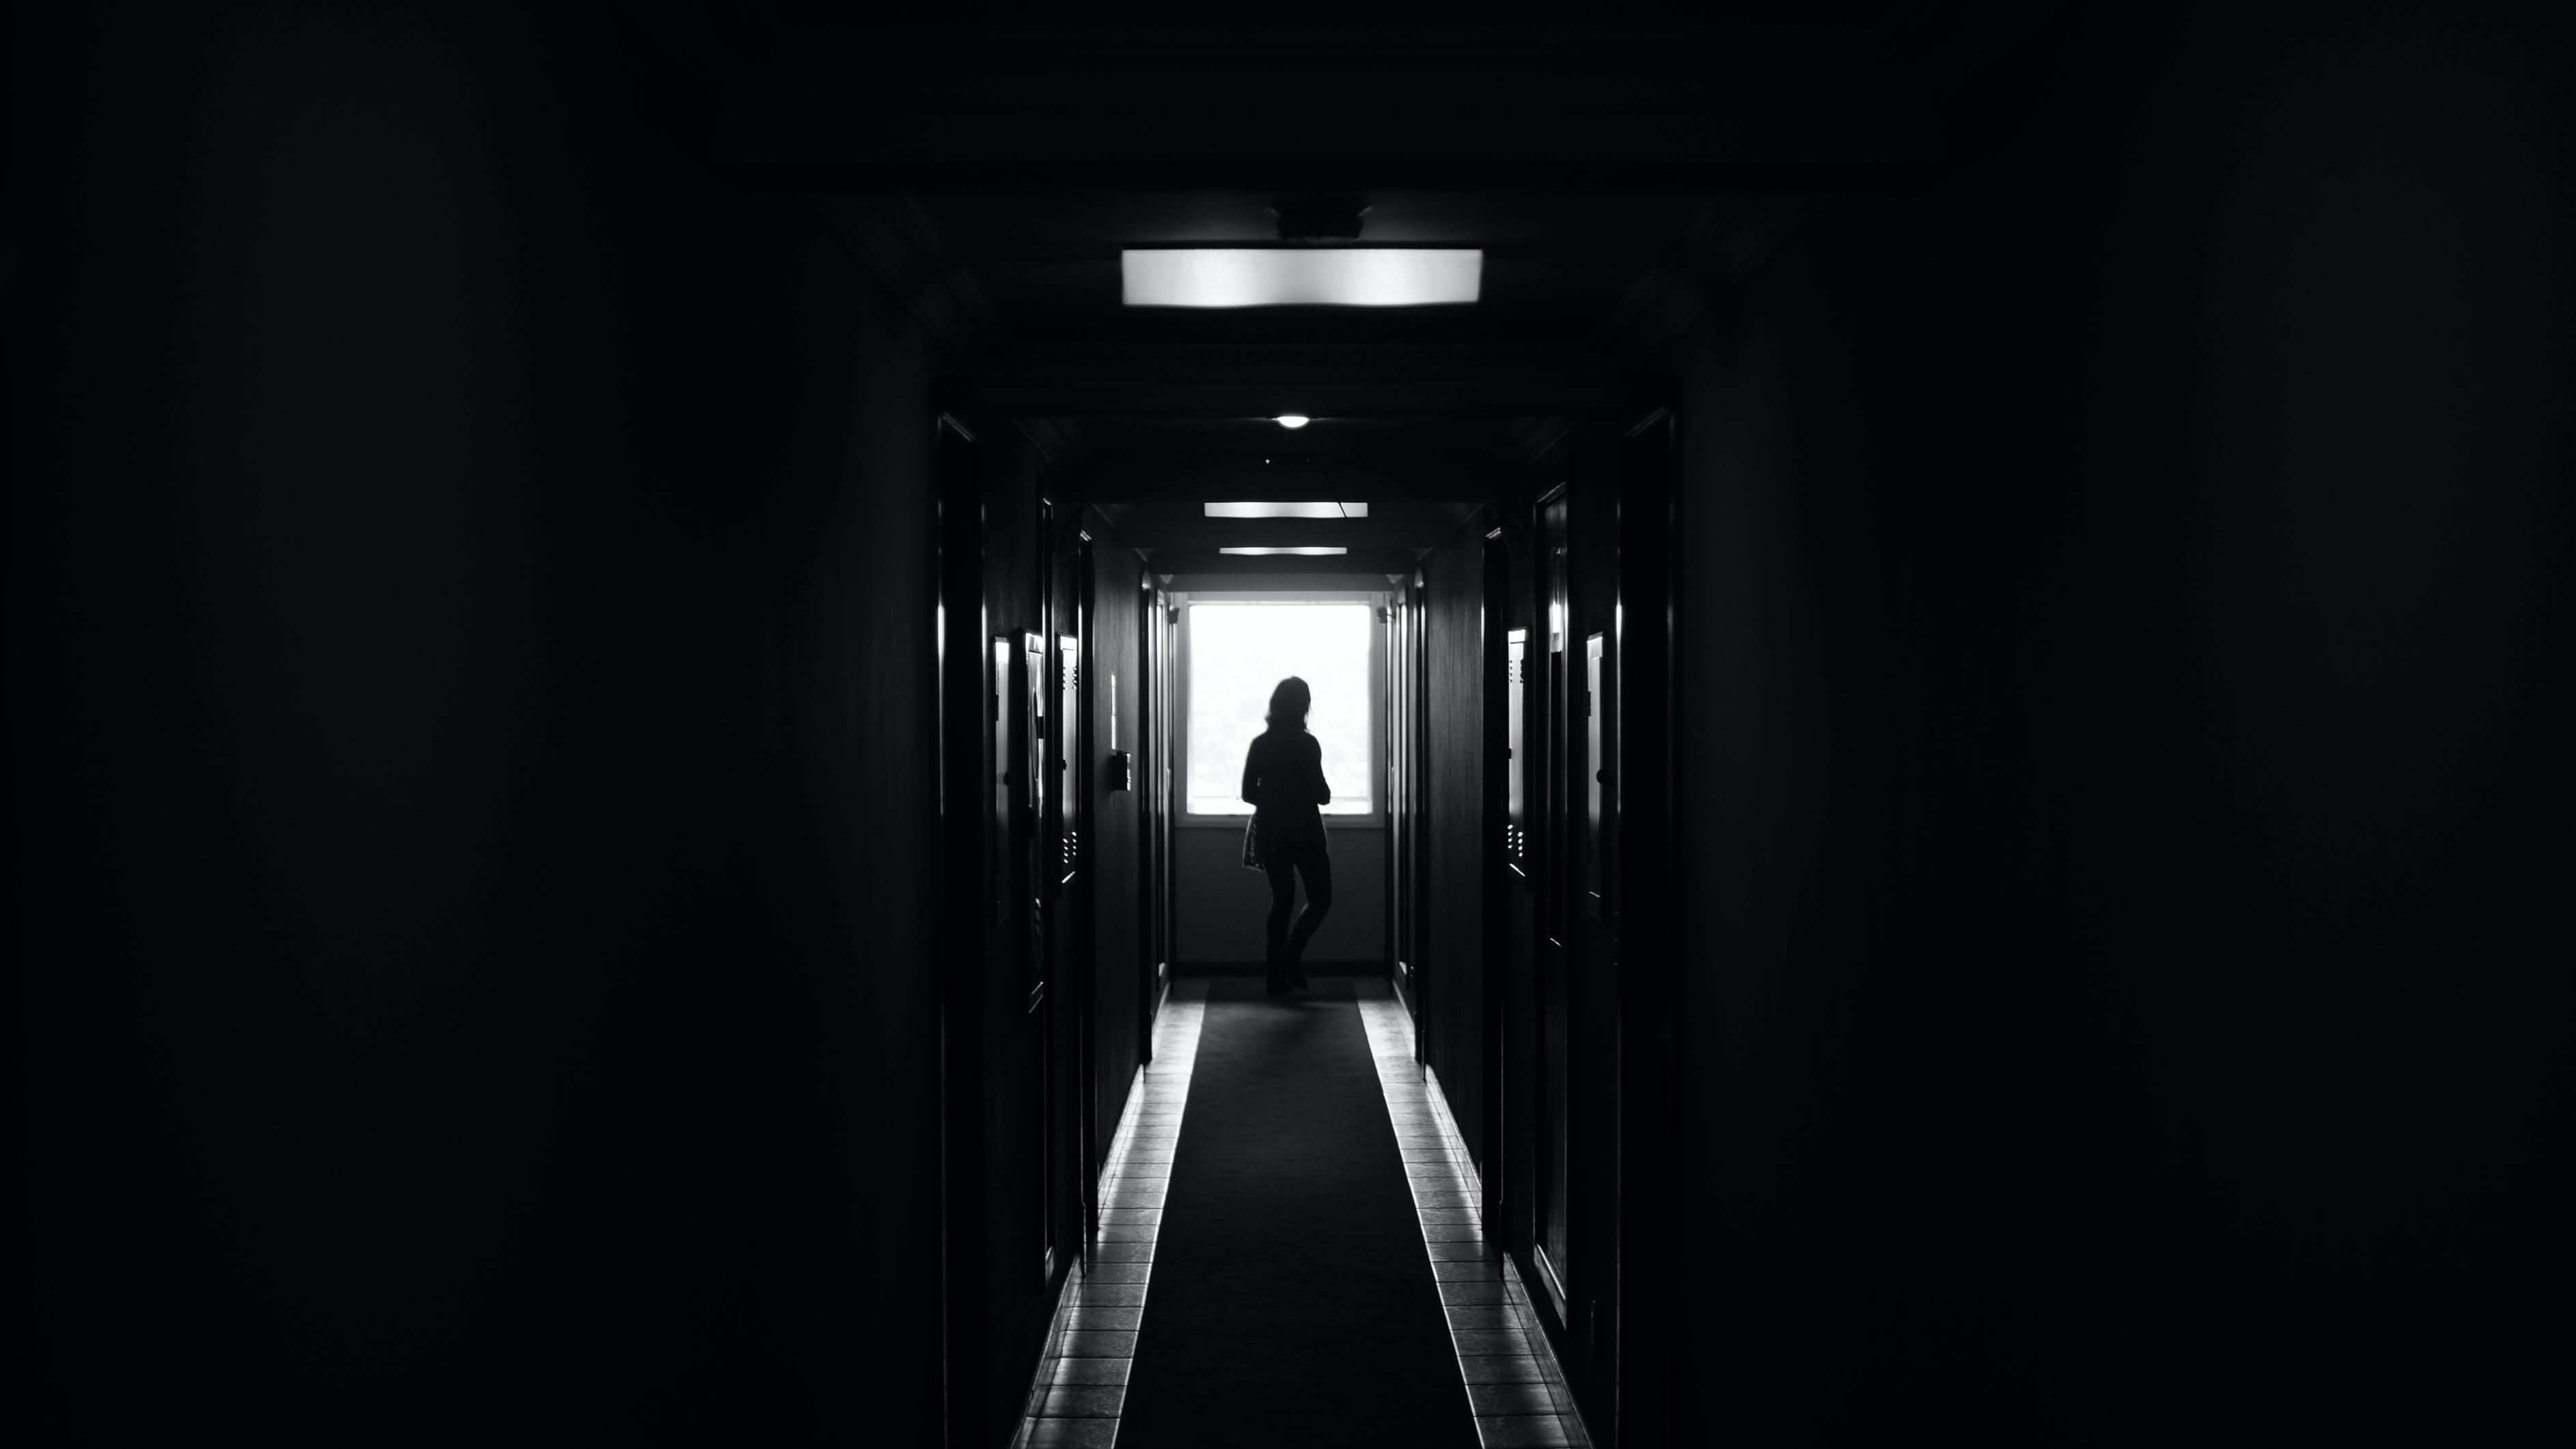 Person Standing on Dark Hallway